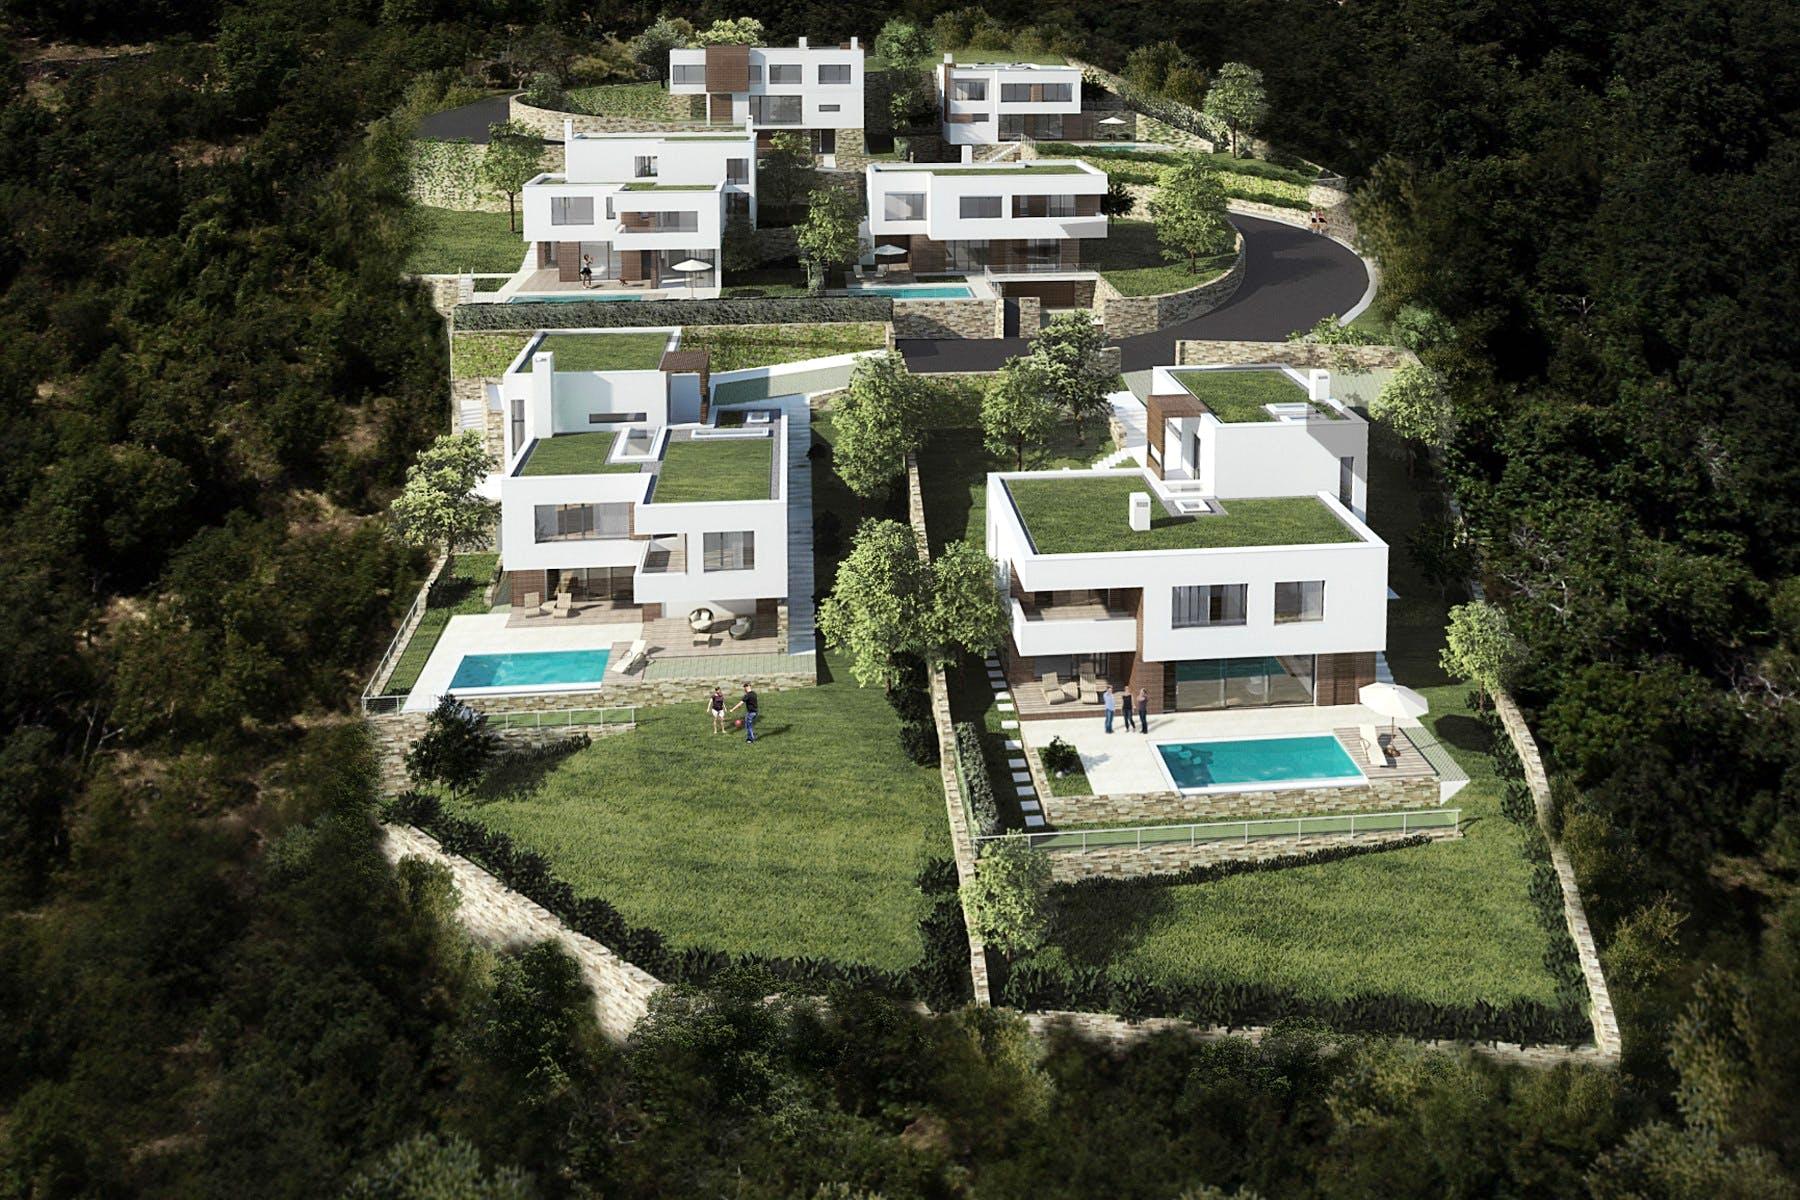 Projekt s važećim građevinskim dozvolama za 6 luksuznih vila u Opatiji